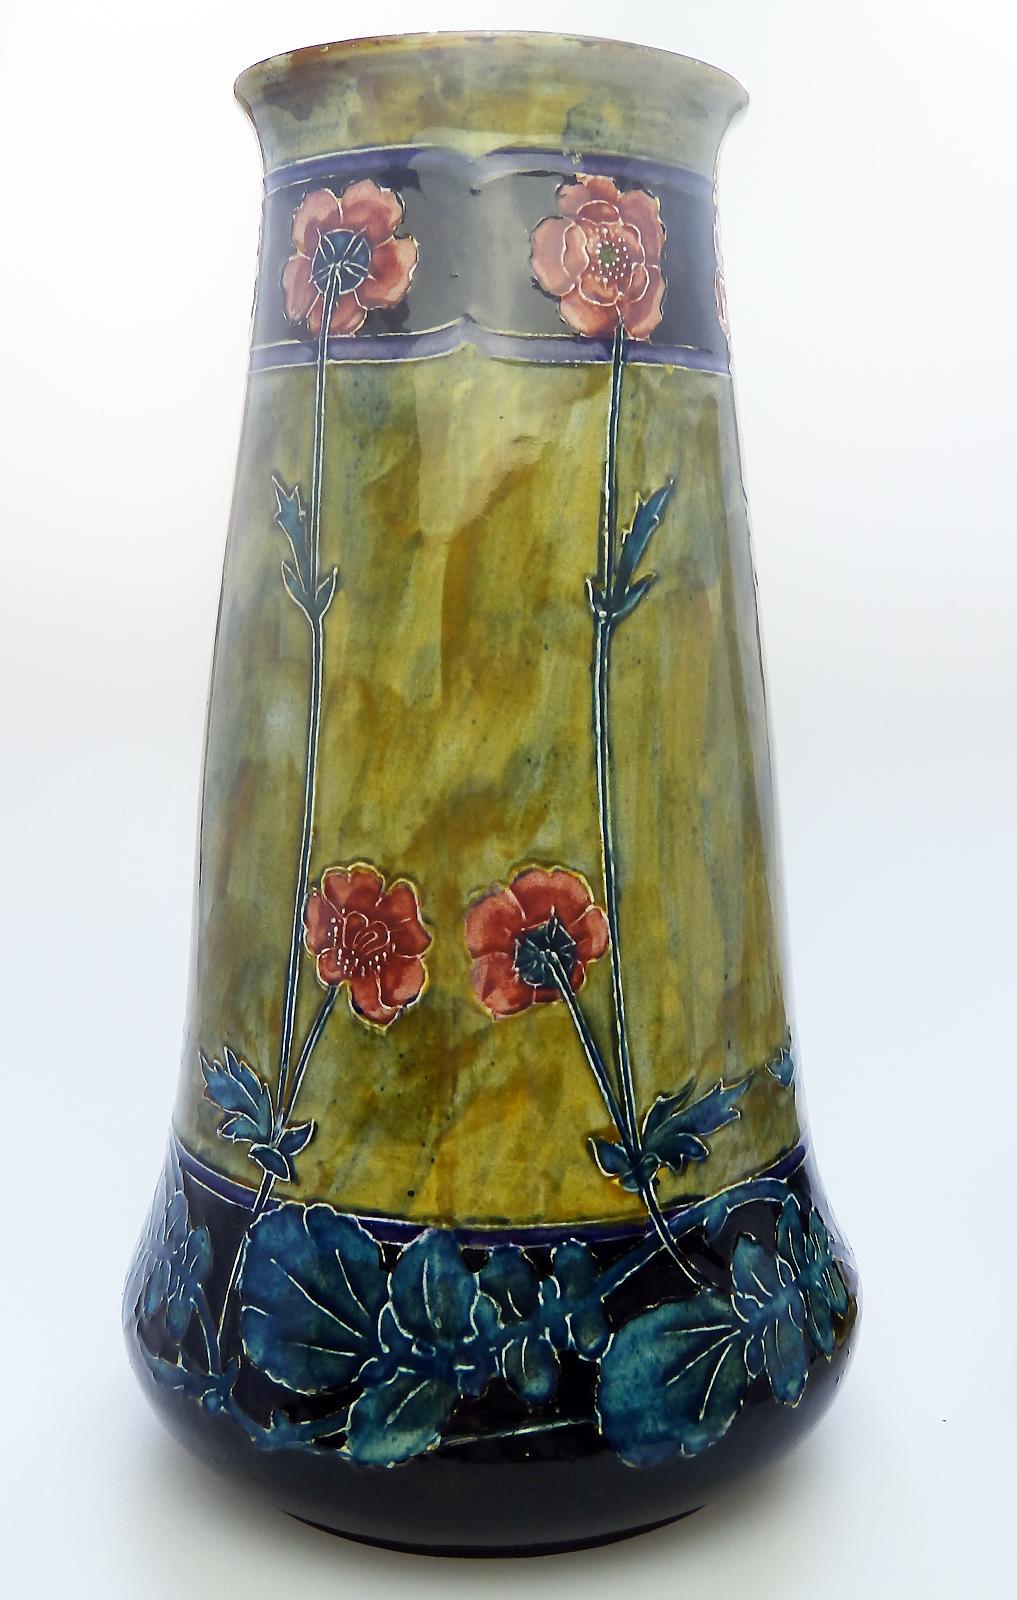 British Art Pottery A George Cartlidge Morris Ware Art Nouveau Vase C 1912 20 For Sale